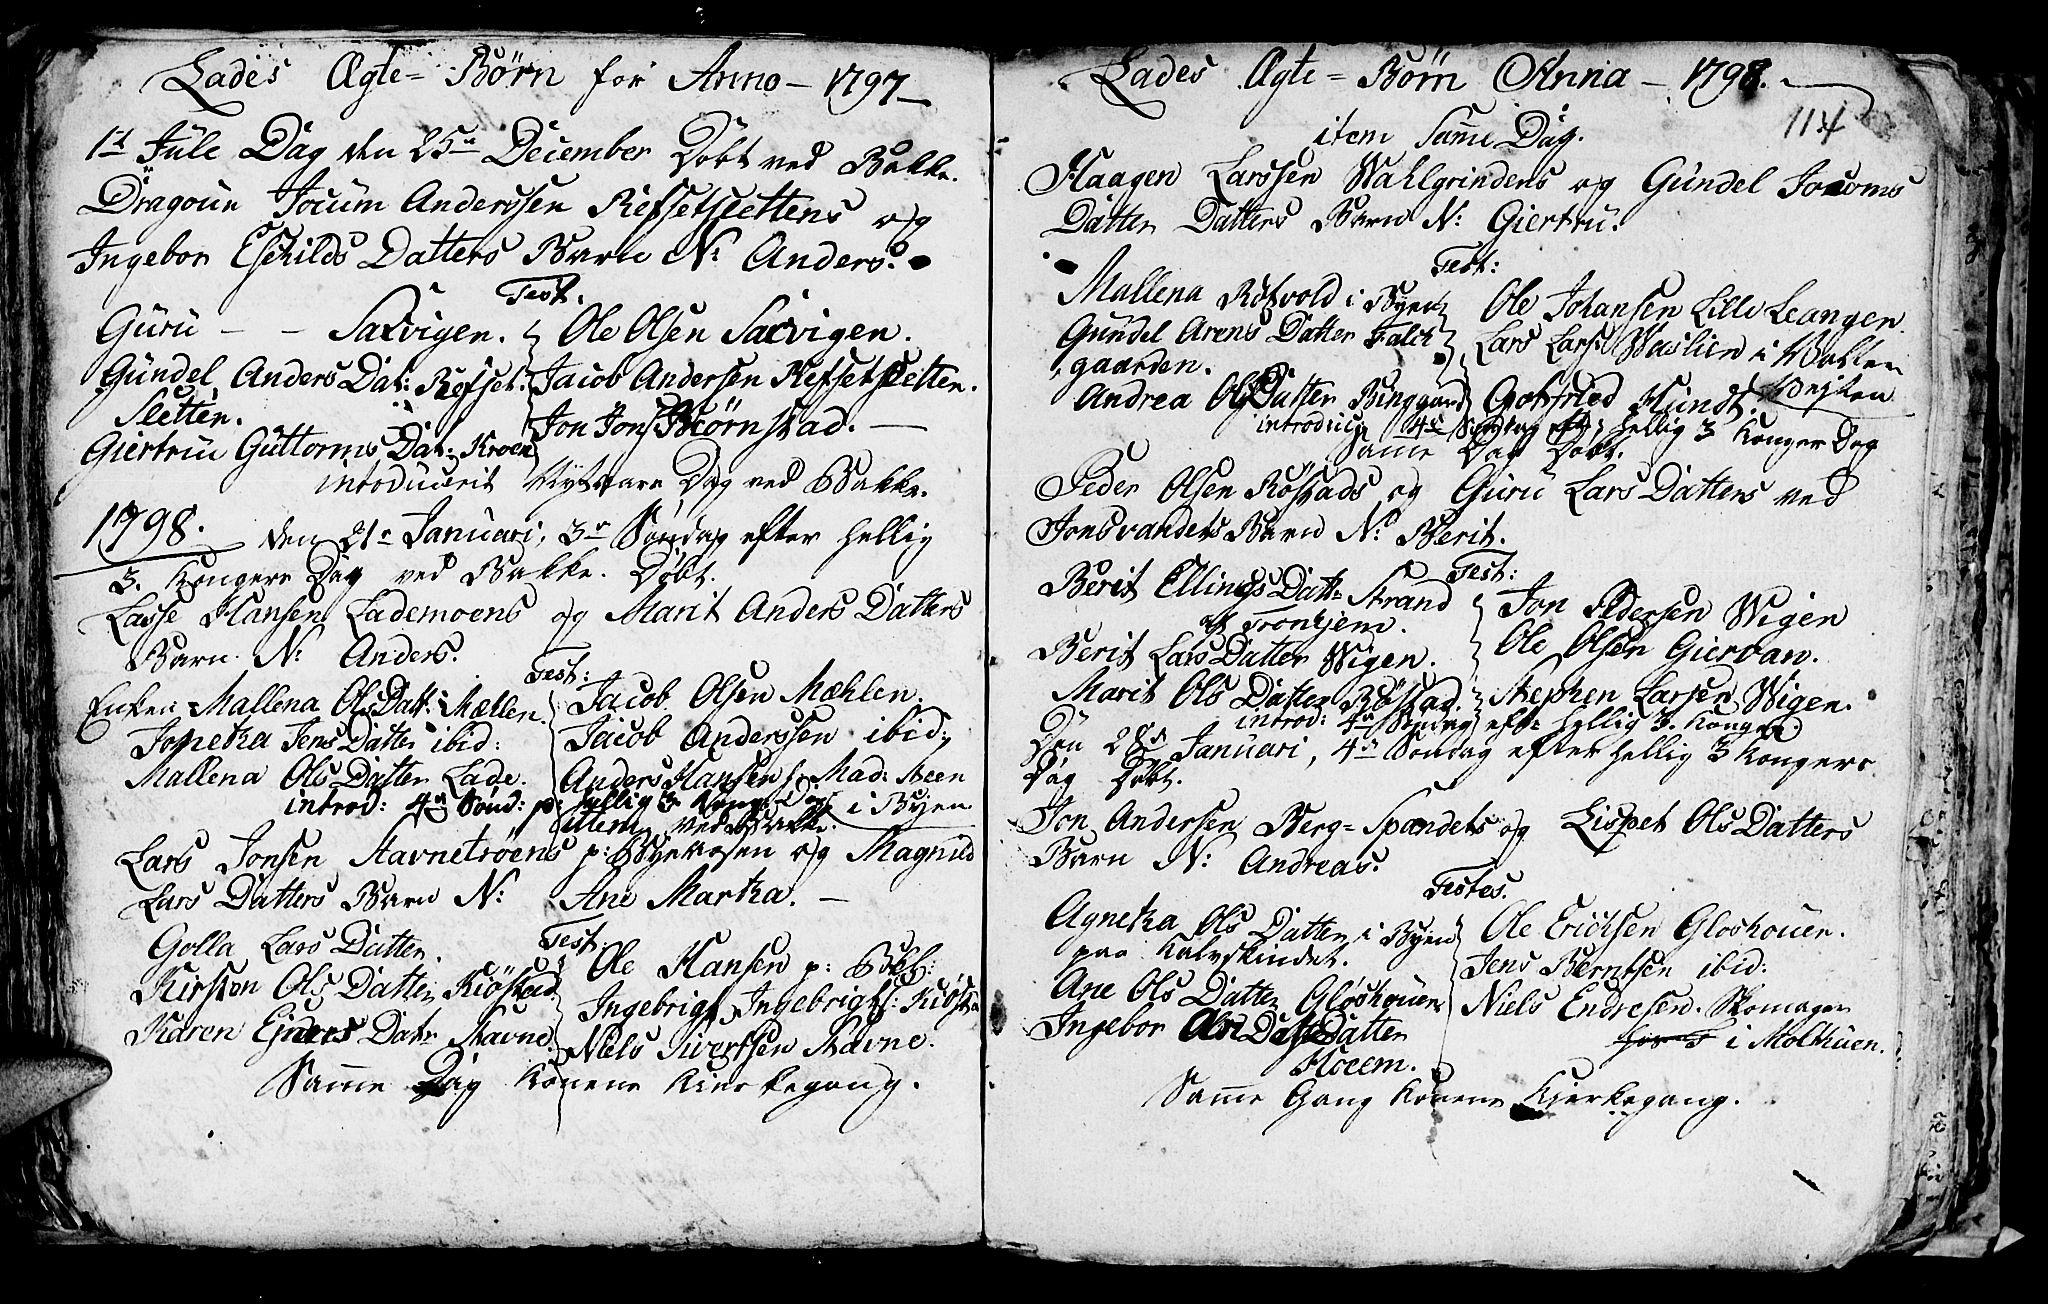 SAT, Ministerialprotokoller, klokkerbøker og fødselsregistre - Sør-Trøndelag, 606/L0305: Klokkerbok nr. 606C01, 1757-1819, s. 114